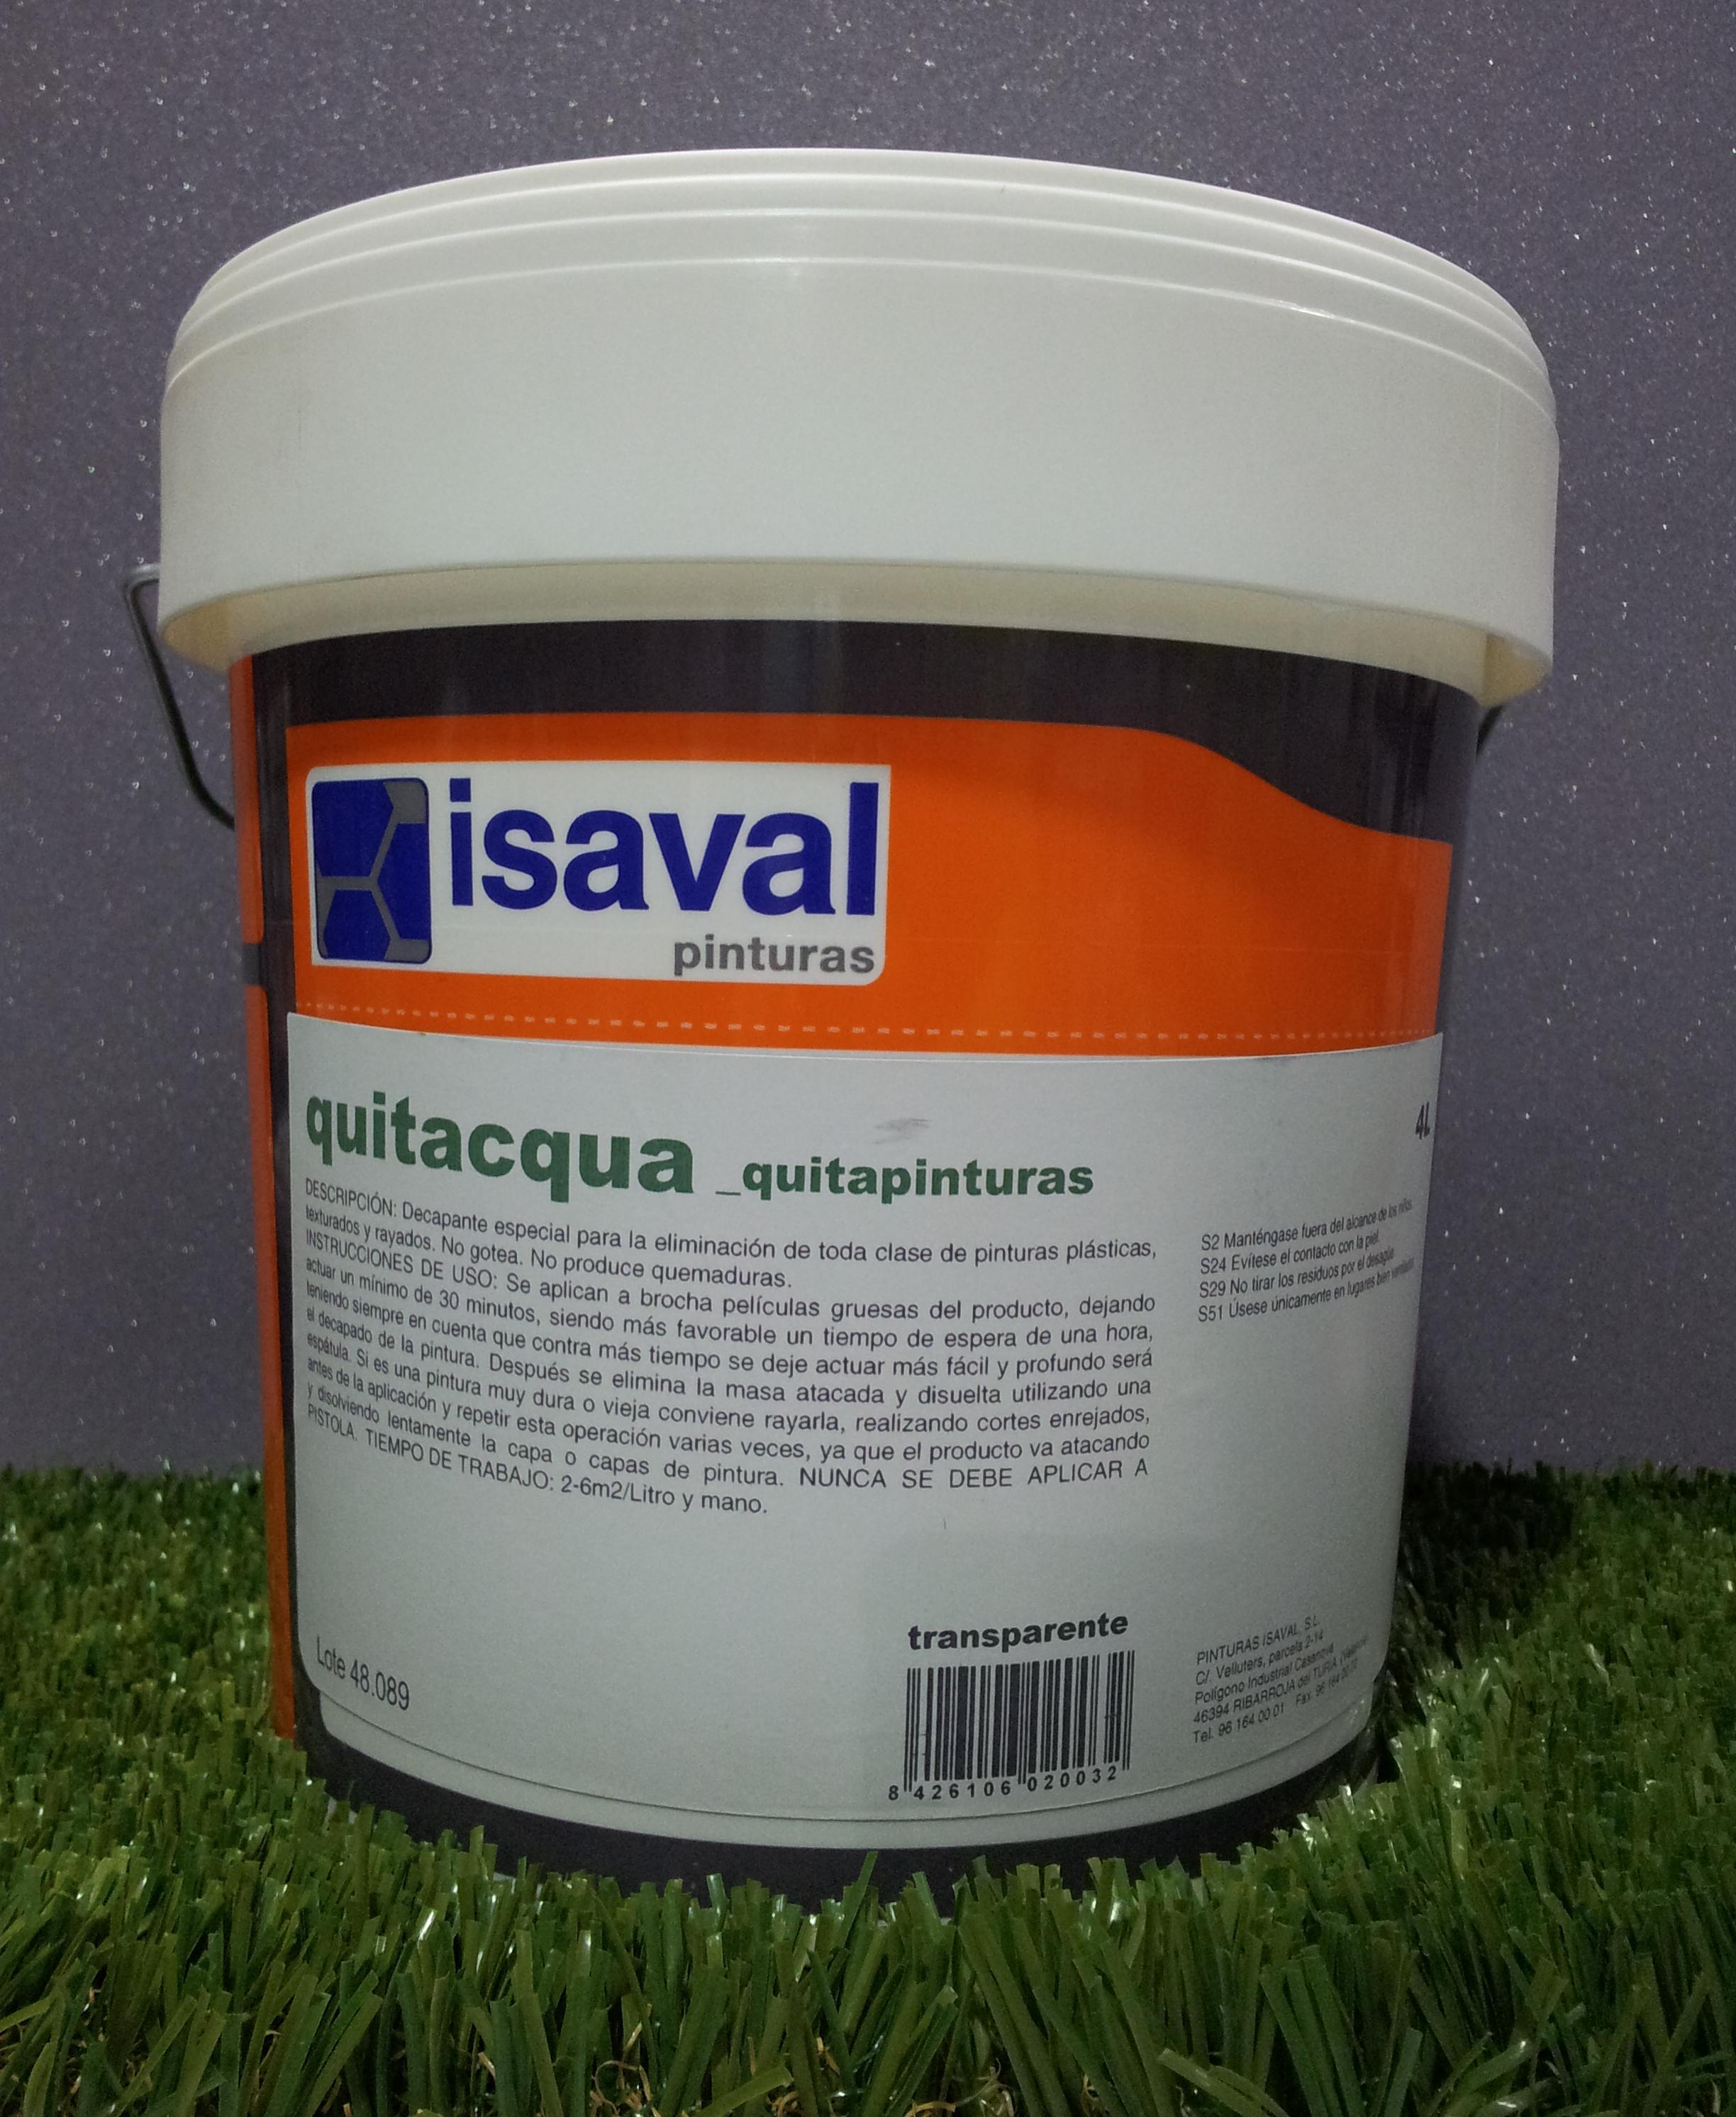 Quitacqua ISAVAL